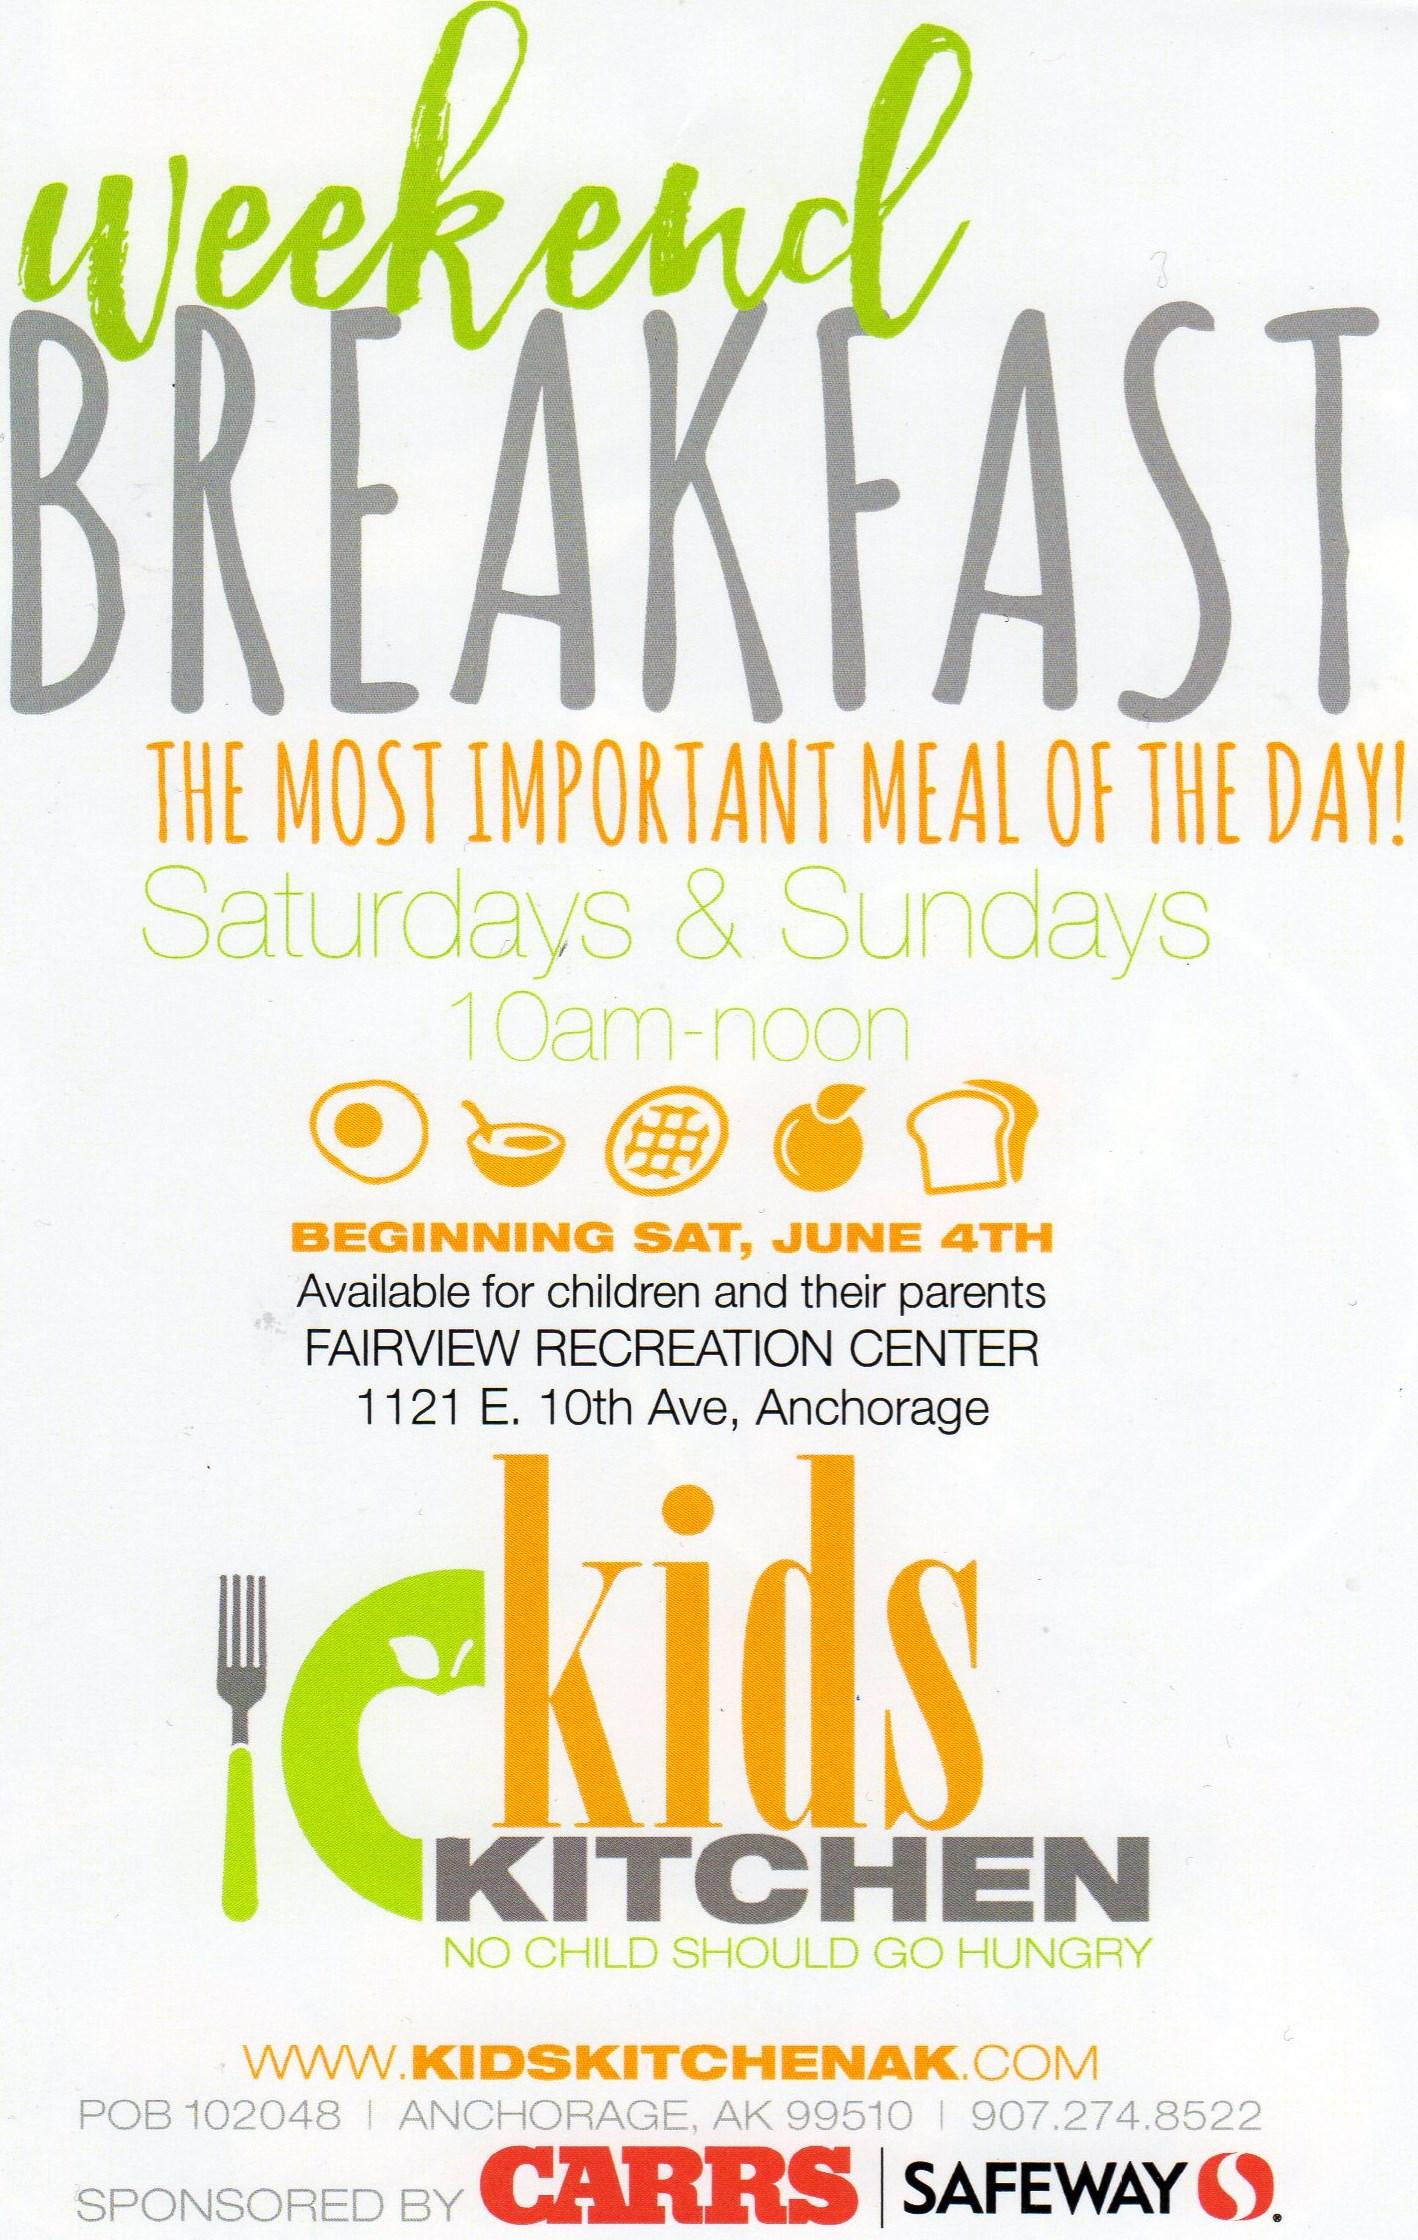 Kids Kitchen Free Meals For Children Anchorage Ak Kids Kitchen Inc